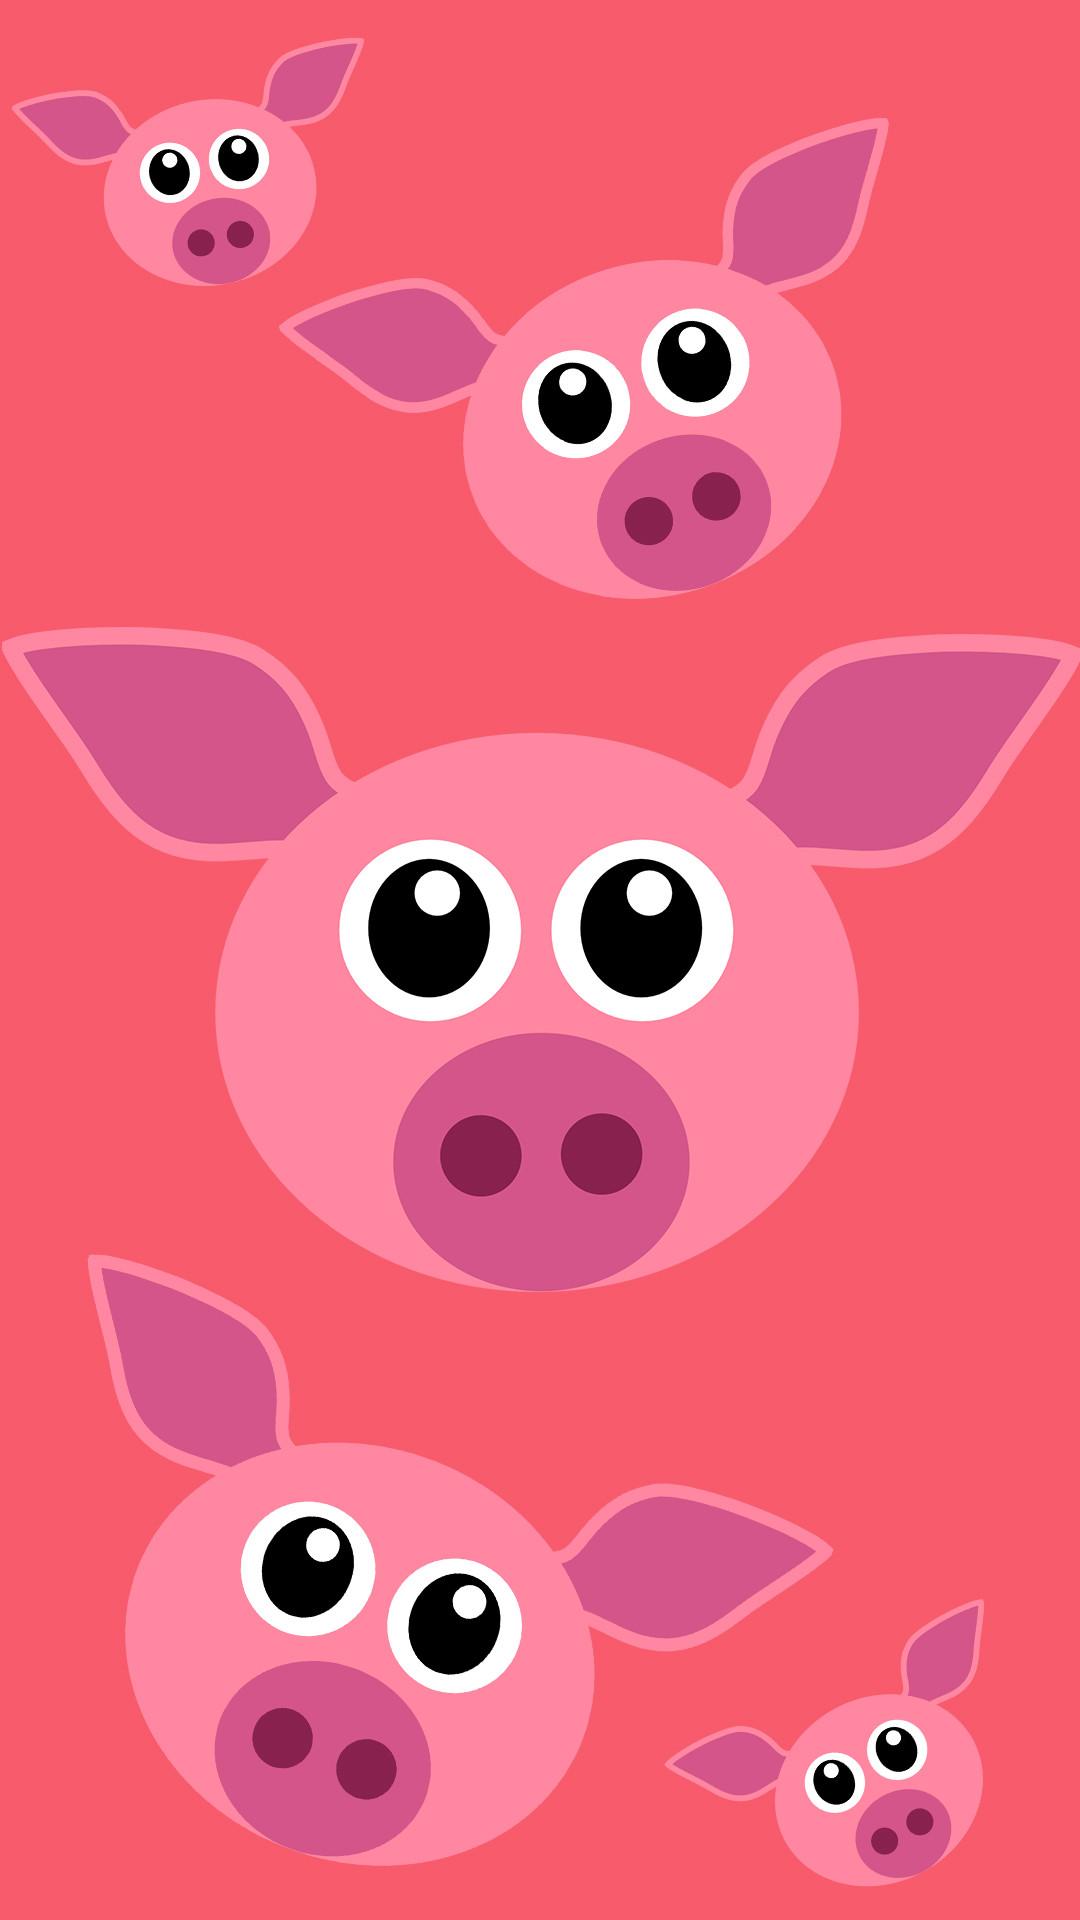 Cute Pig Lg G2 Wallpapers - Cartoon , HD Wallpaper & Backgrounds